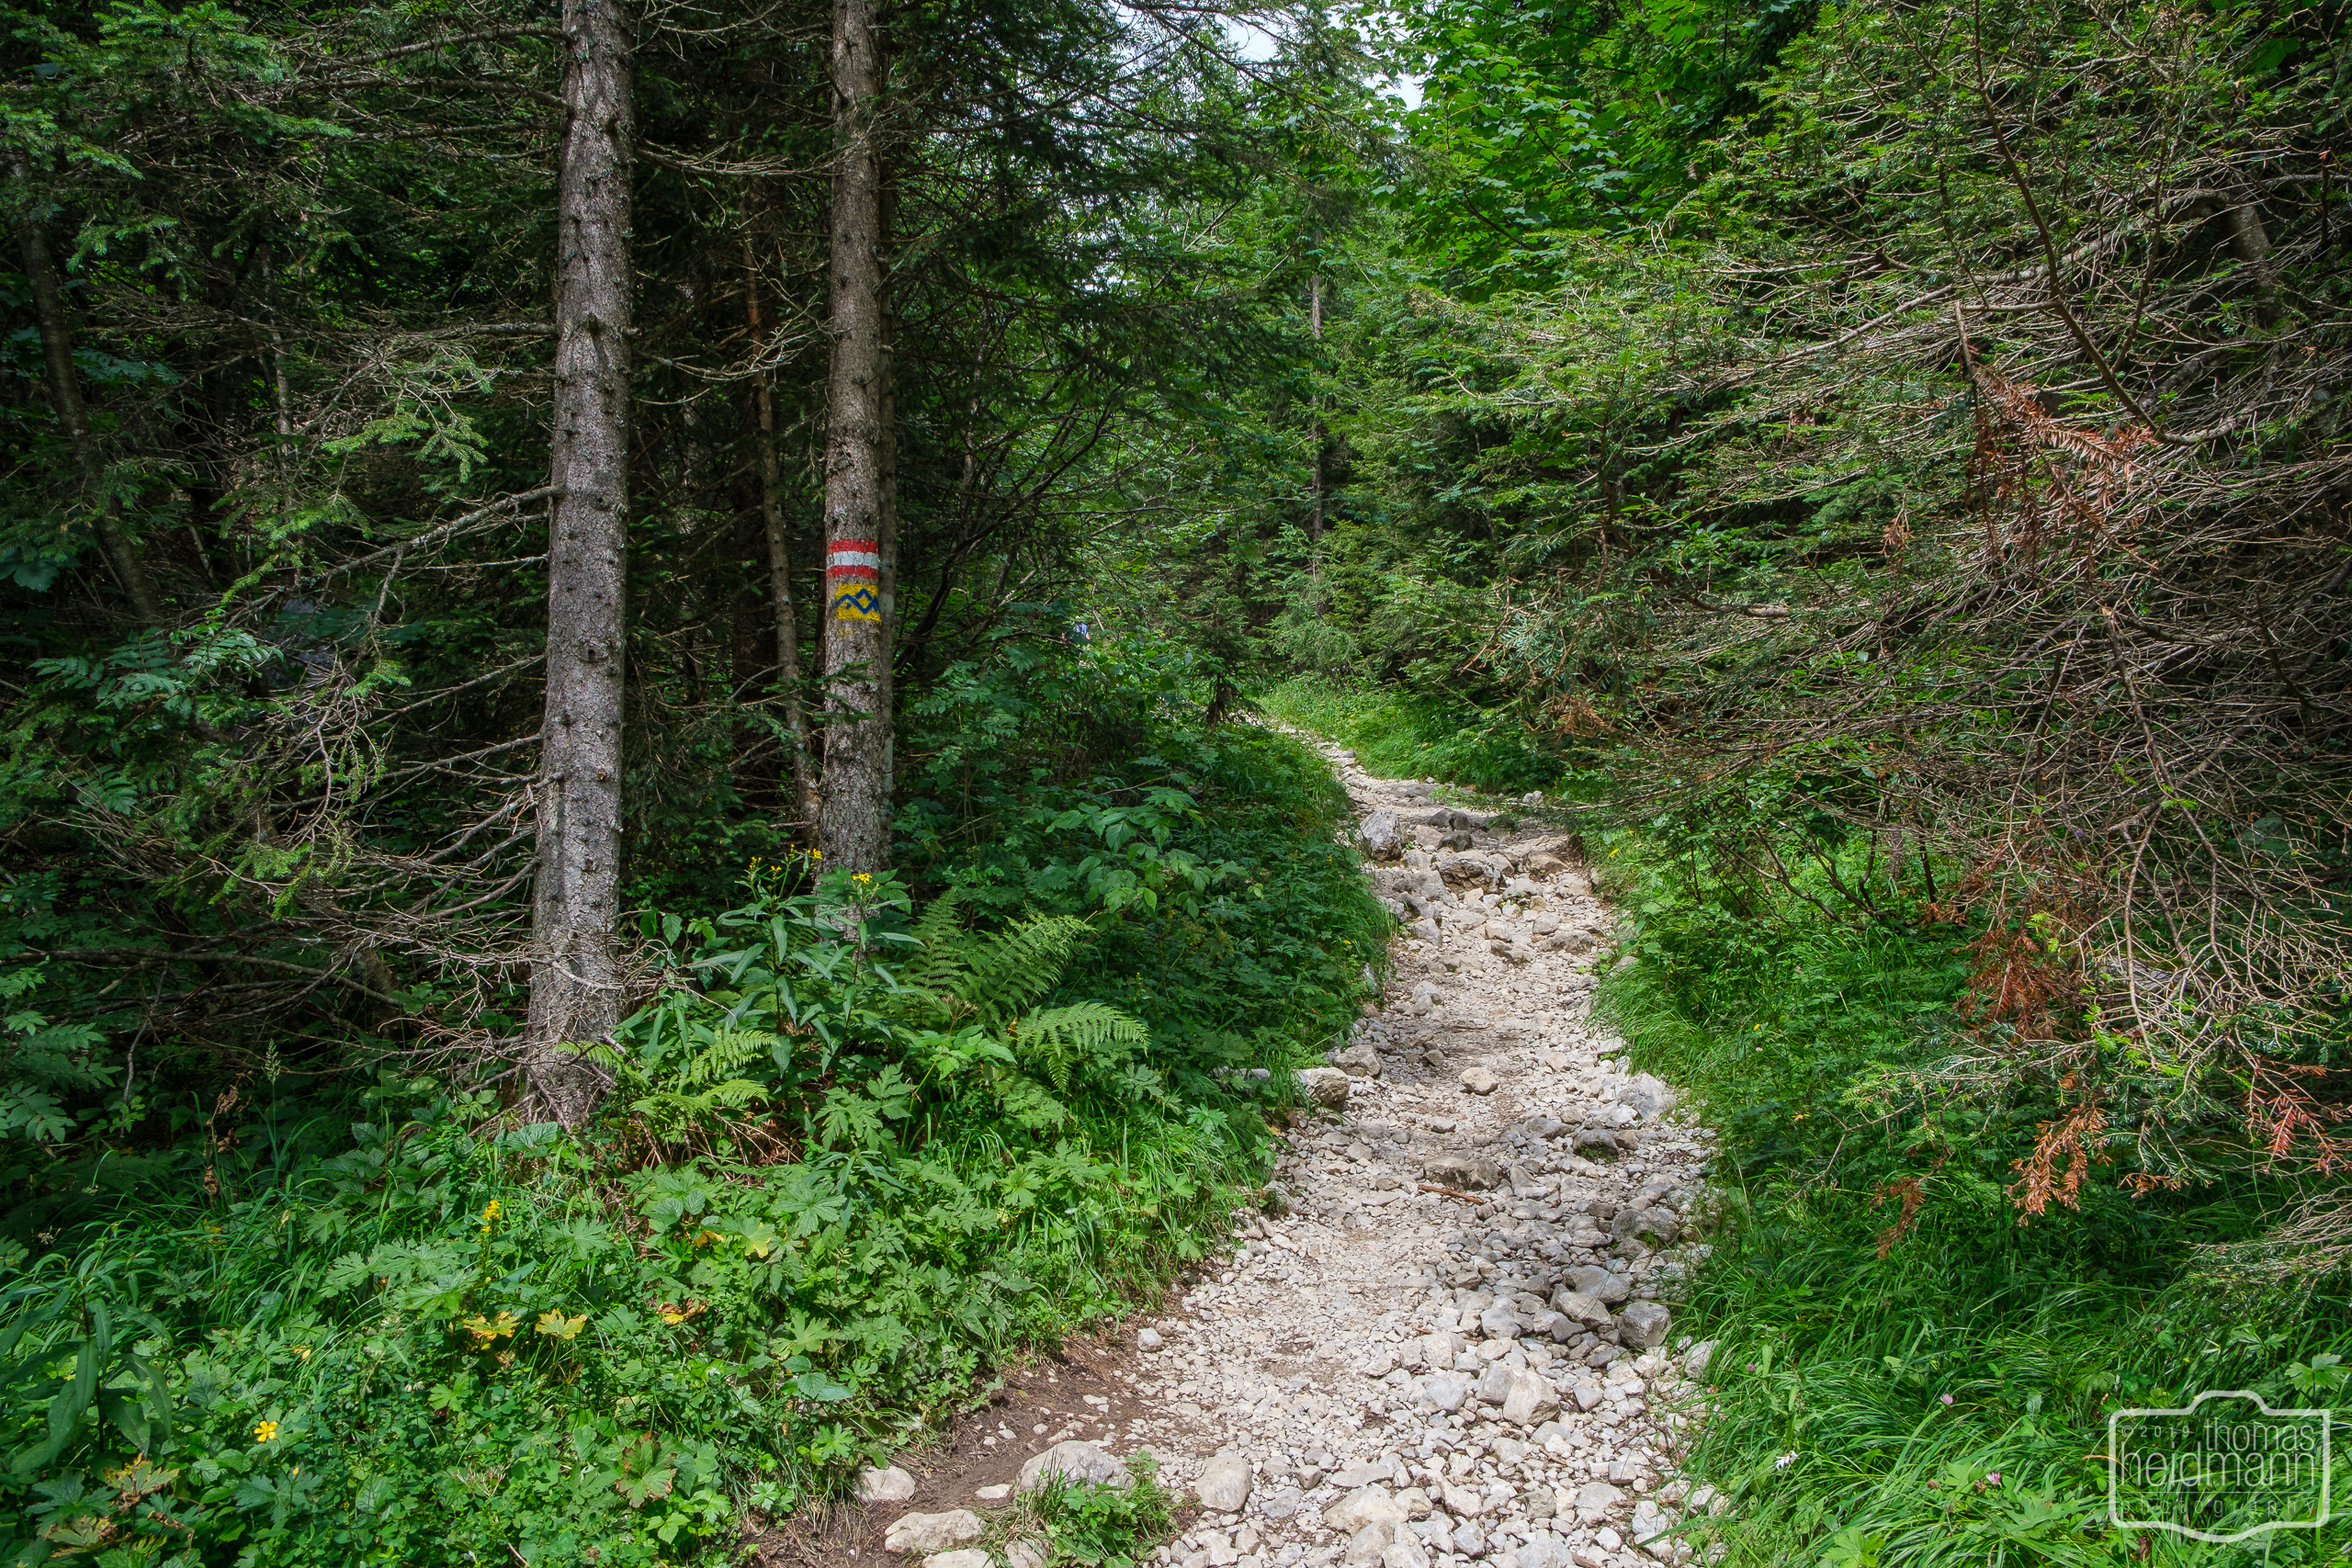 Wanderung zum Grünstein und zur Kuhrointalm - recht steiler Anstieg